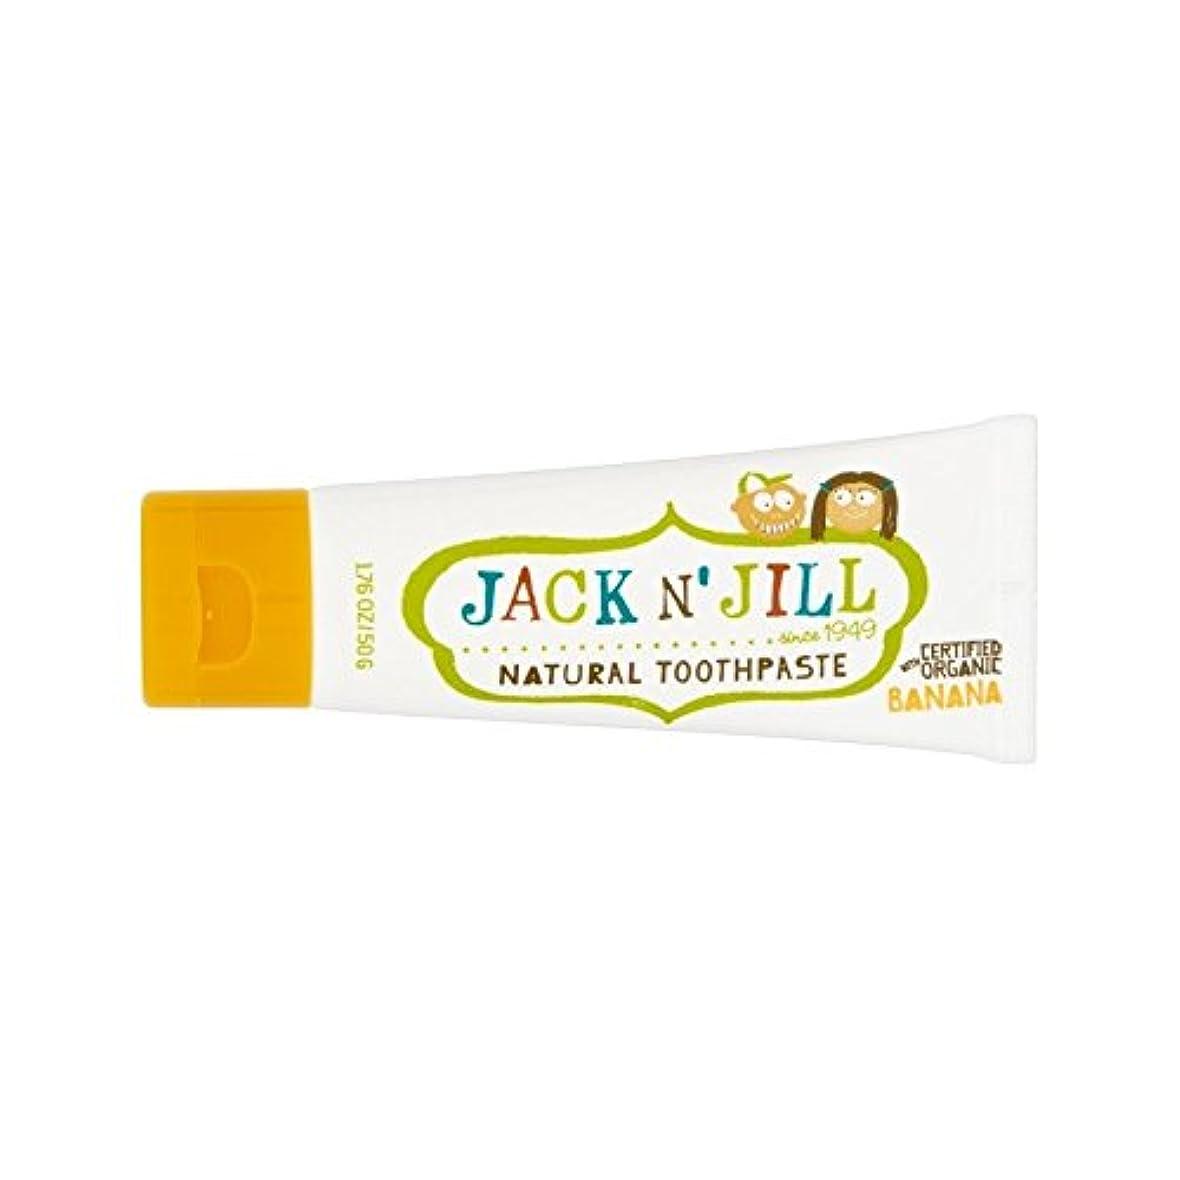 ピンチ豚驚いたことに有機香味50グラムと自然バナナ歯磨き粉 (Jack N Jill) (x 4) - Jack N' Jill Banana Toothpaste Natural with Organic Flavouring 50g (Pack of 4) [並行輸入品]